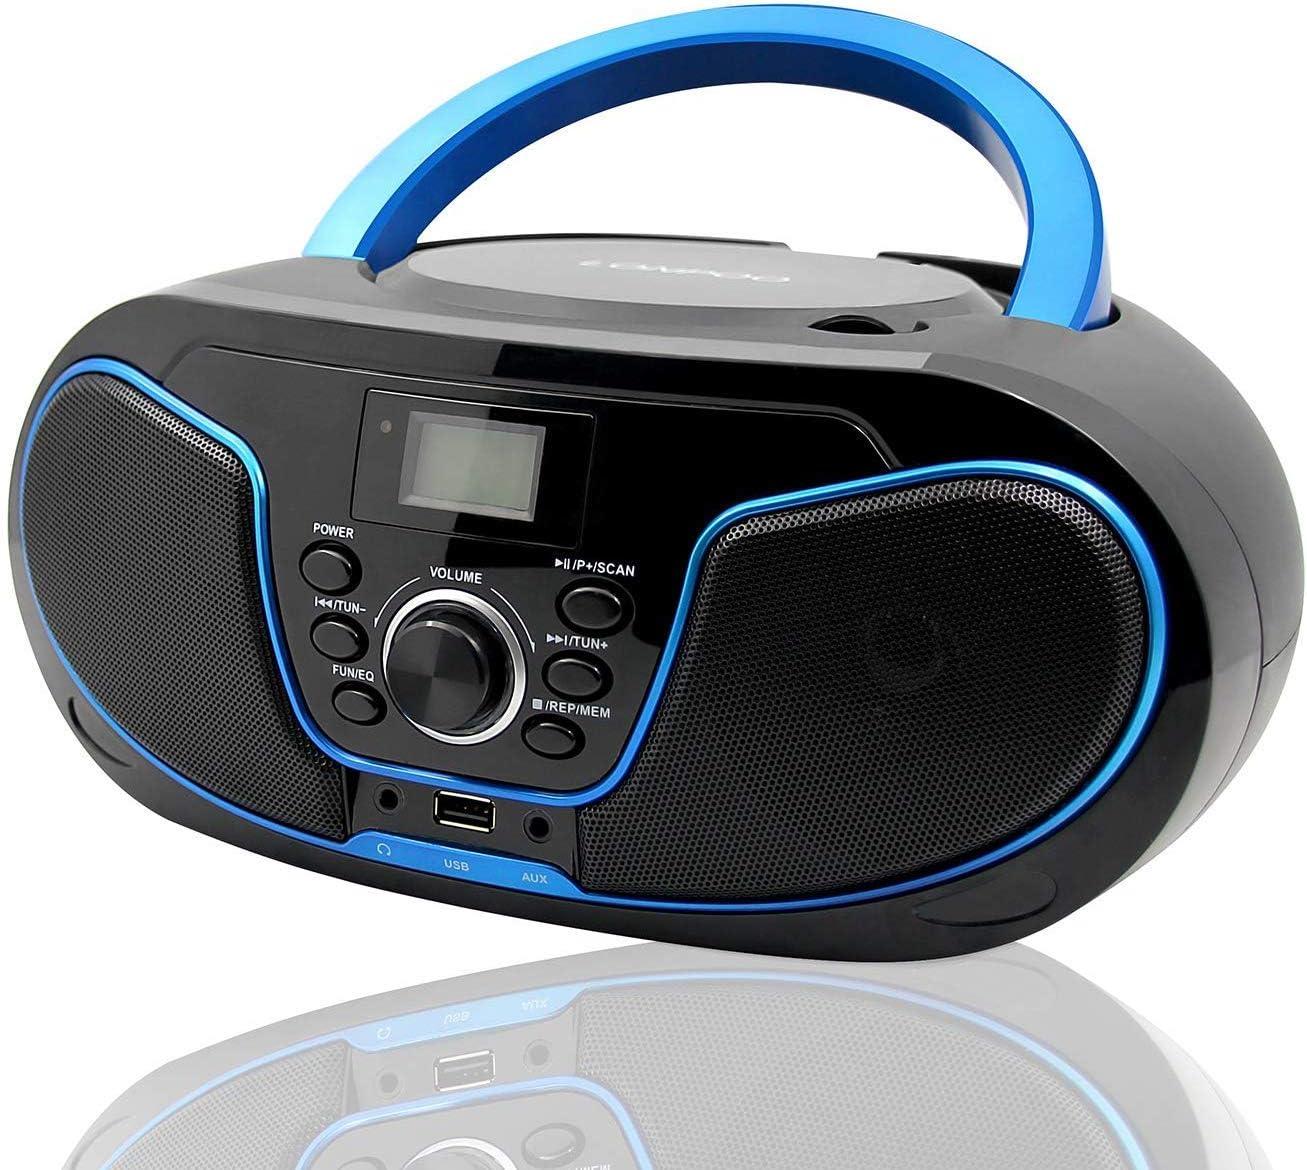 Noir Radio FM LONPOO Lecteur CD Enfants Radio CD Portable Haut-parleurs St/ér/éo connectivit/é Bluetooth Entr/ée USB//AUX et Sortie /écouteur